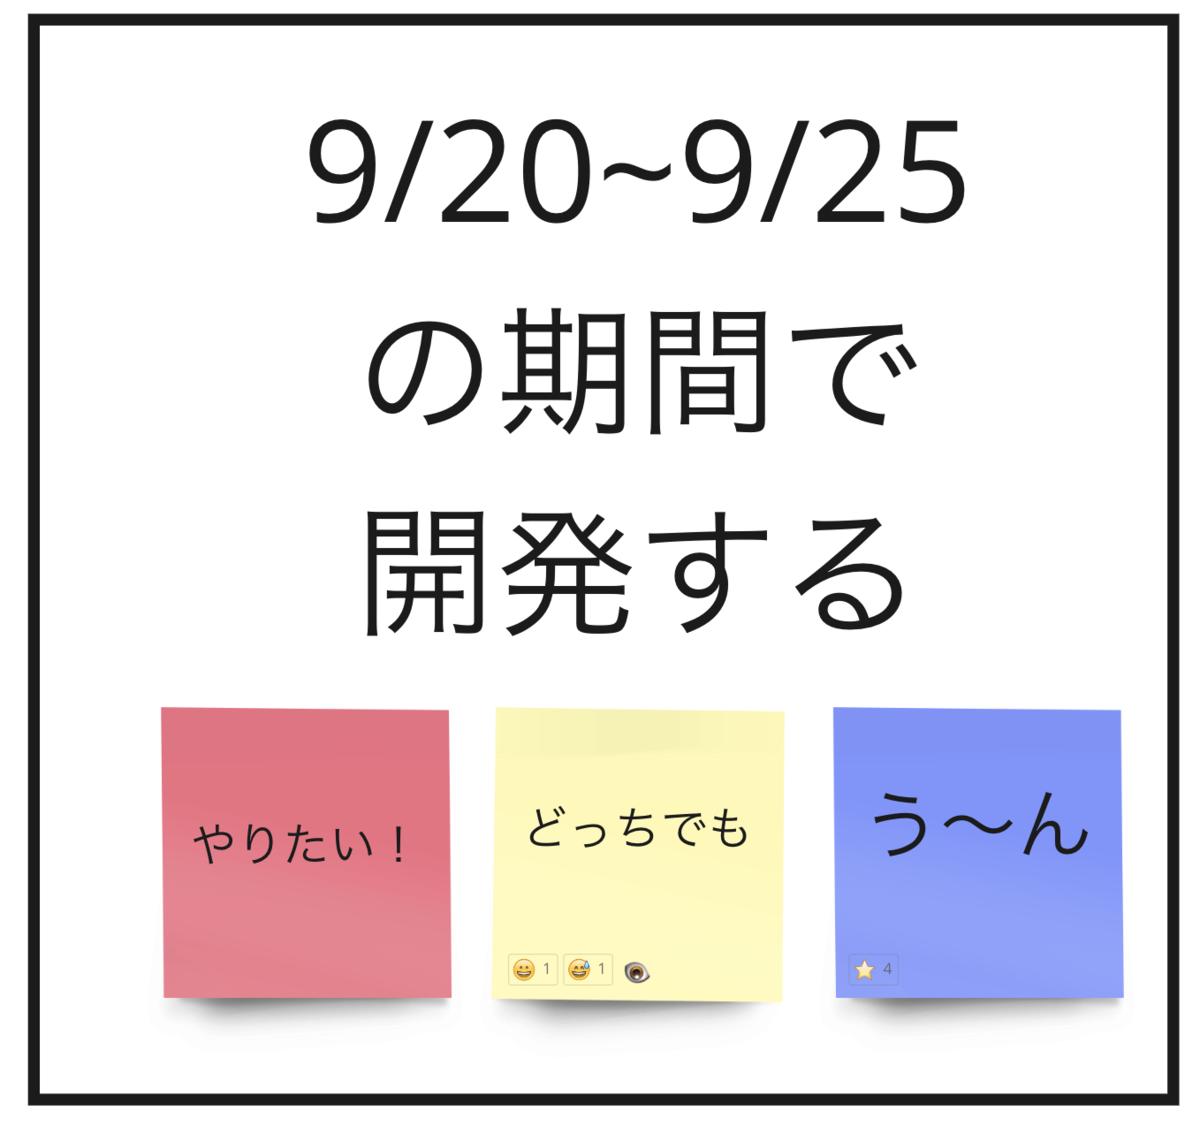 f:id:kugi_masa:20200927033624p:plain